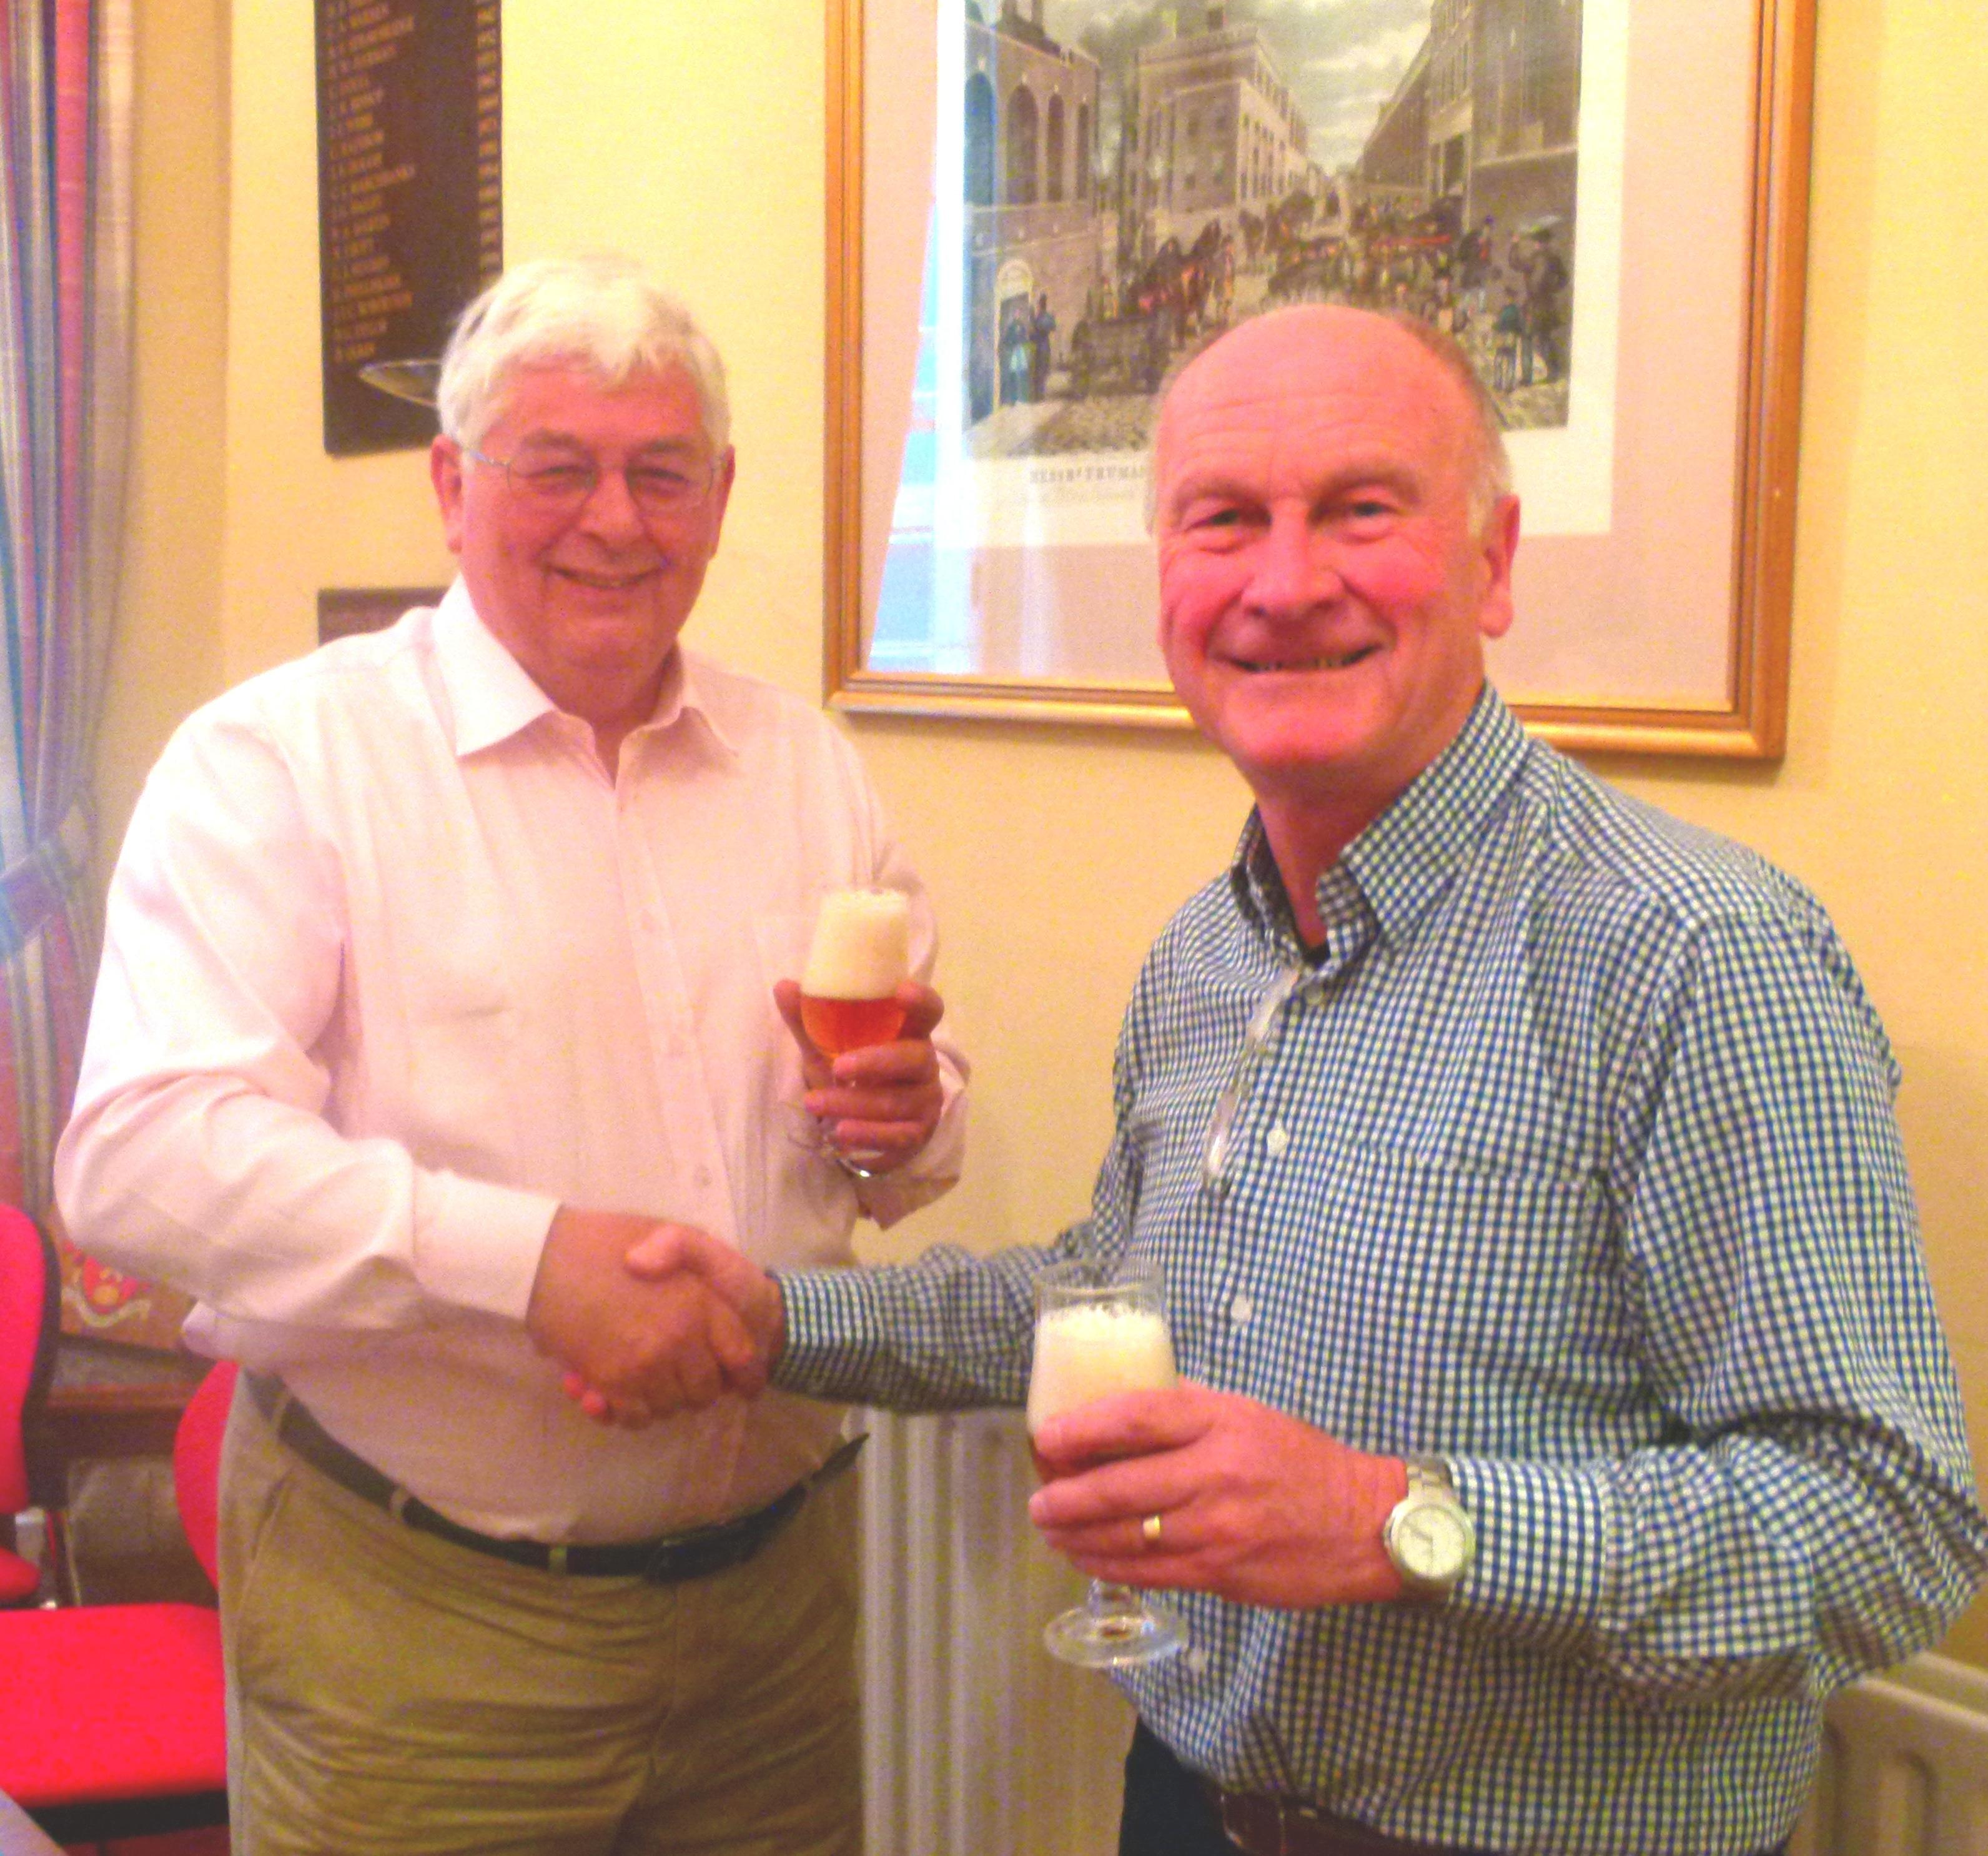 Tony Davis, Rutland, England<br>Accredited: 16th May 2013